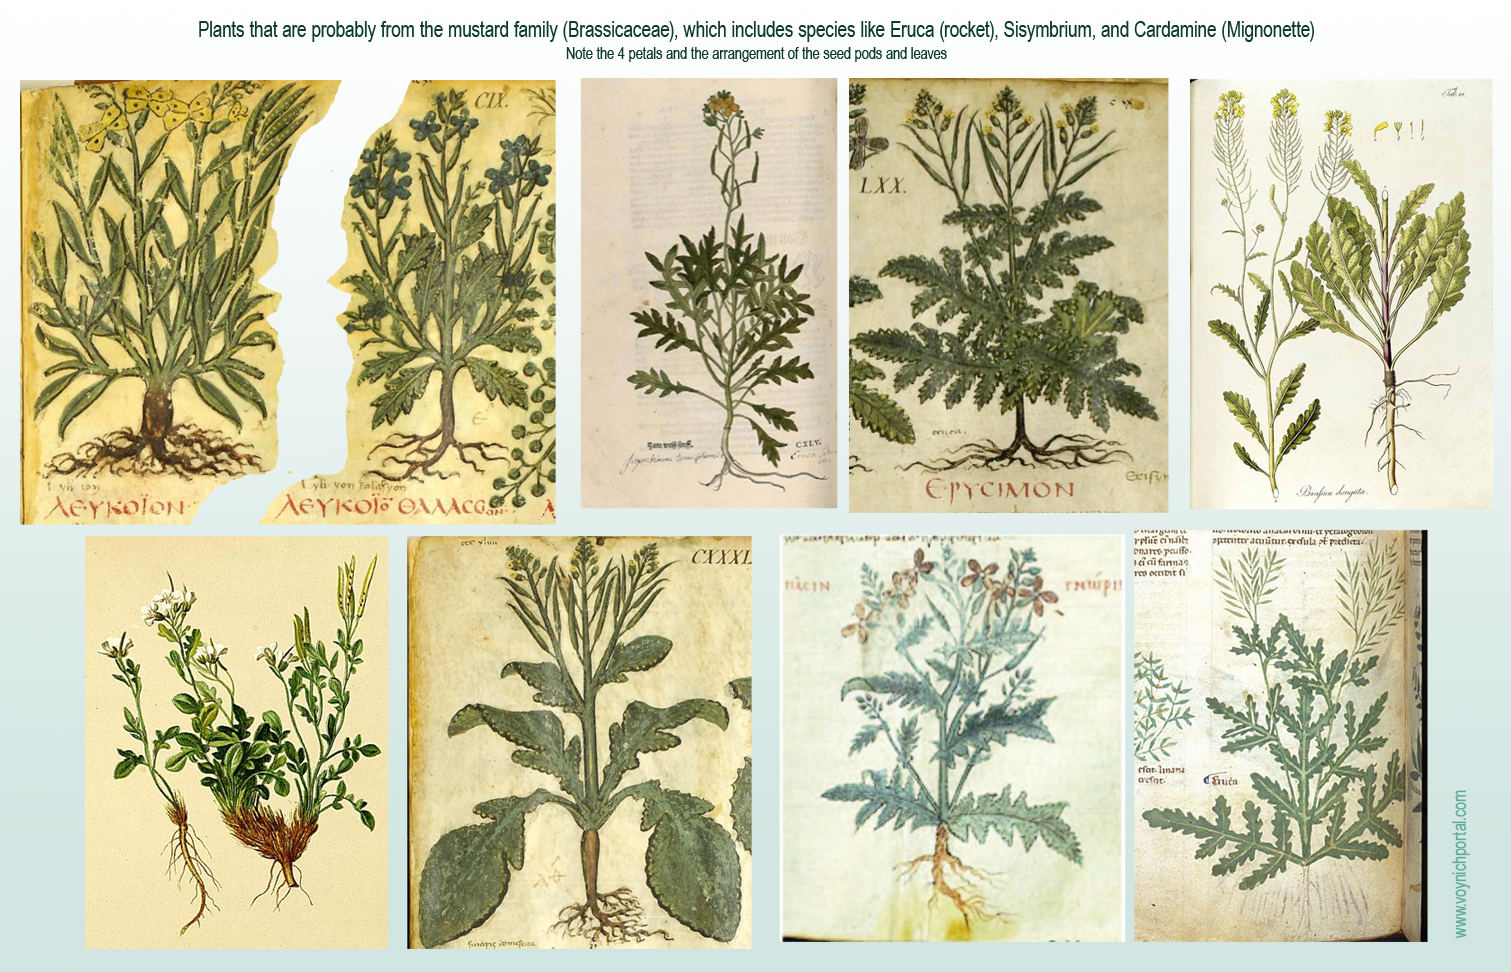 [Image: BrassicaRocket.png]